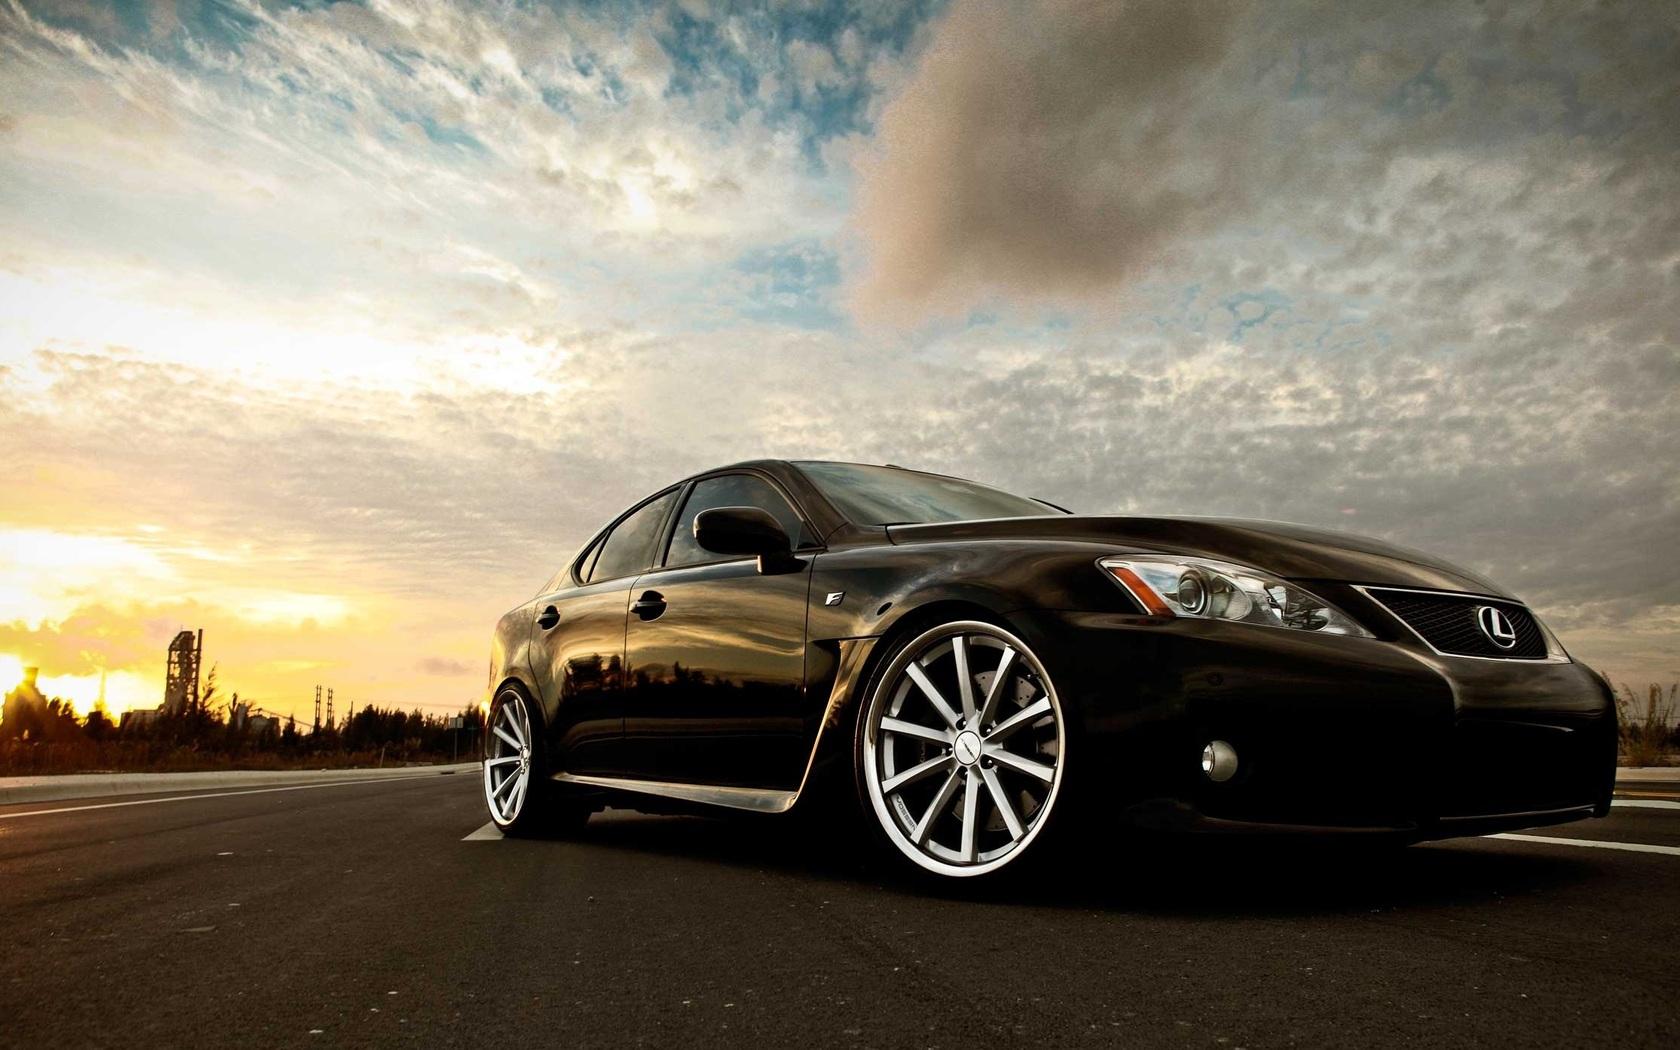 Lexus Isf Wallpaper 15479 1680x1050 Px Hdwallsource Com